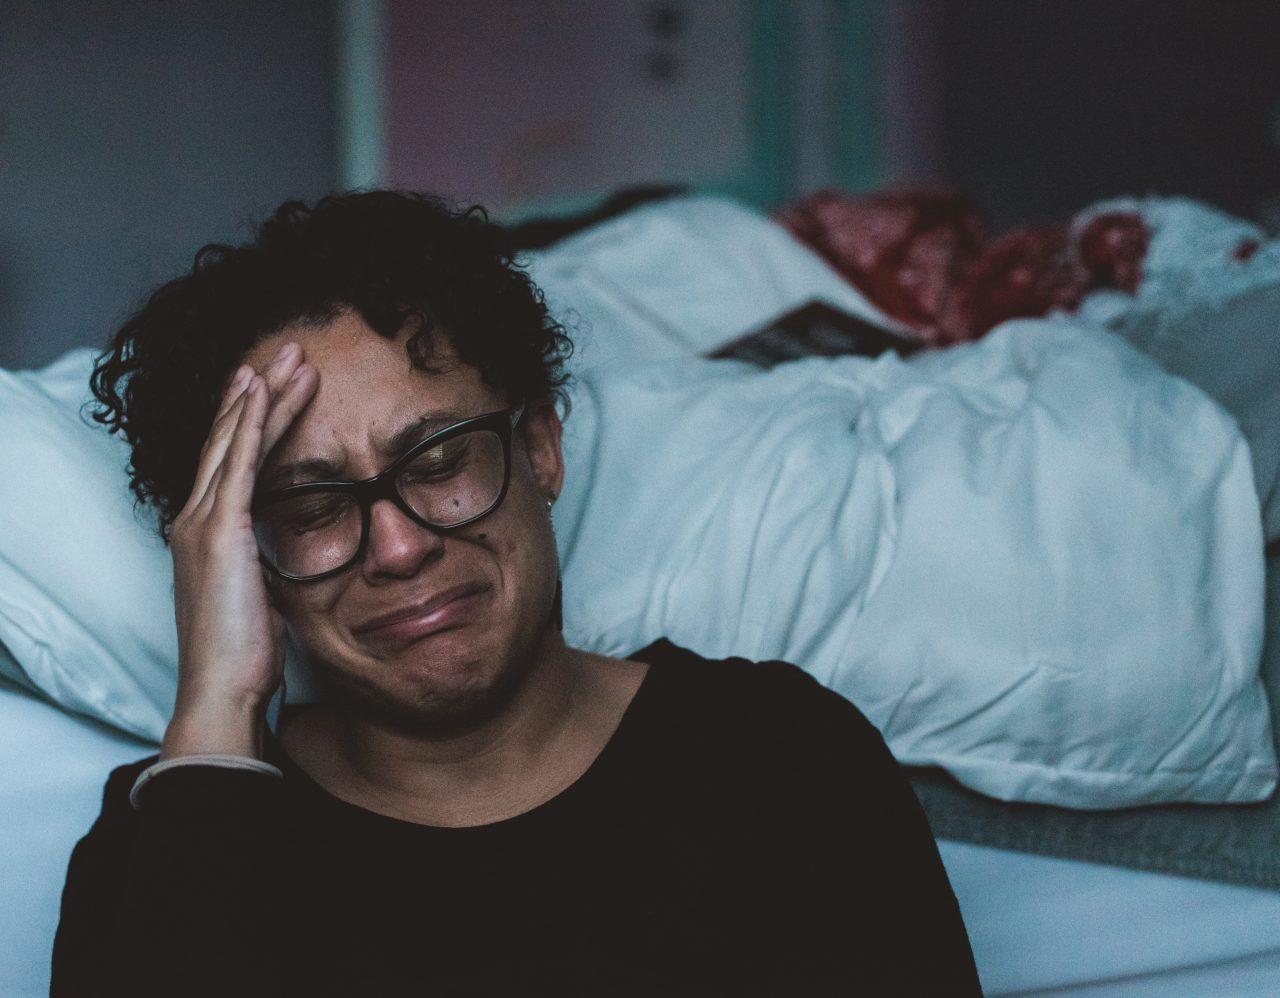 ¿Cómo puedo ayudar a mi familiar deprimido?